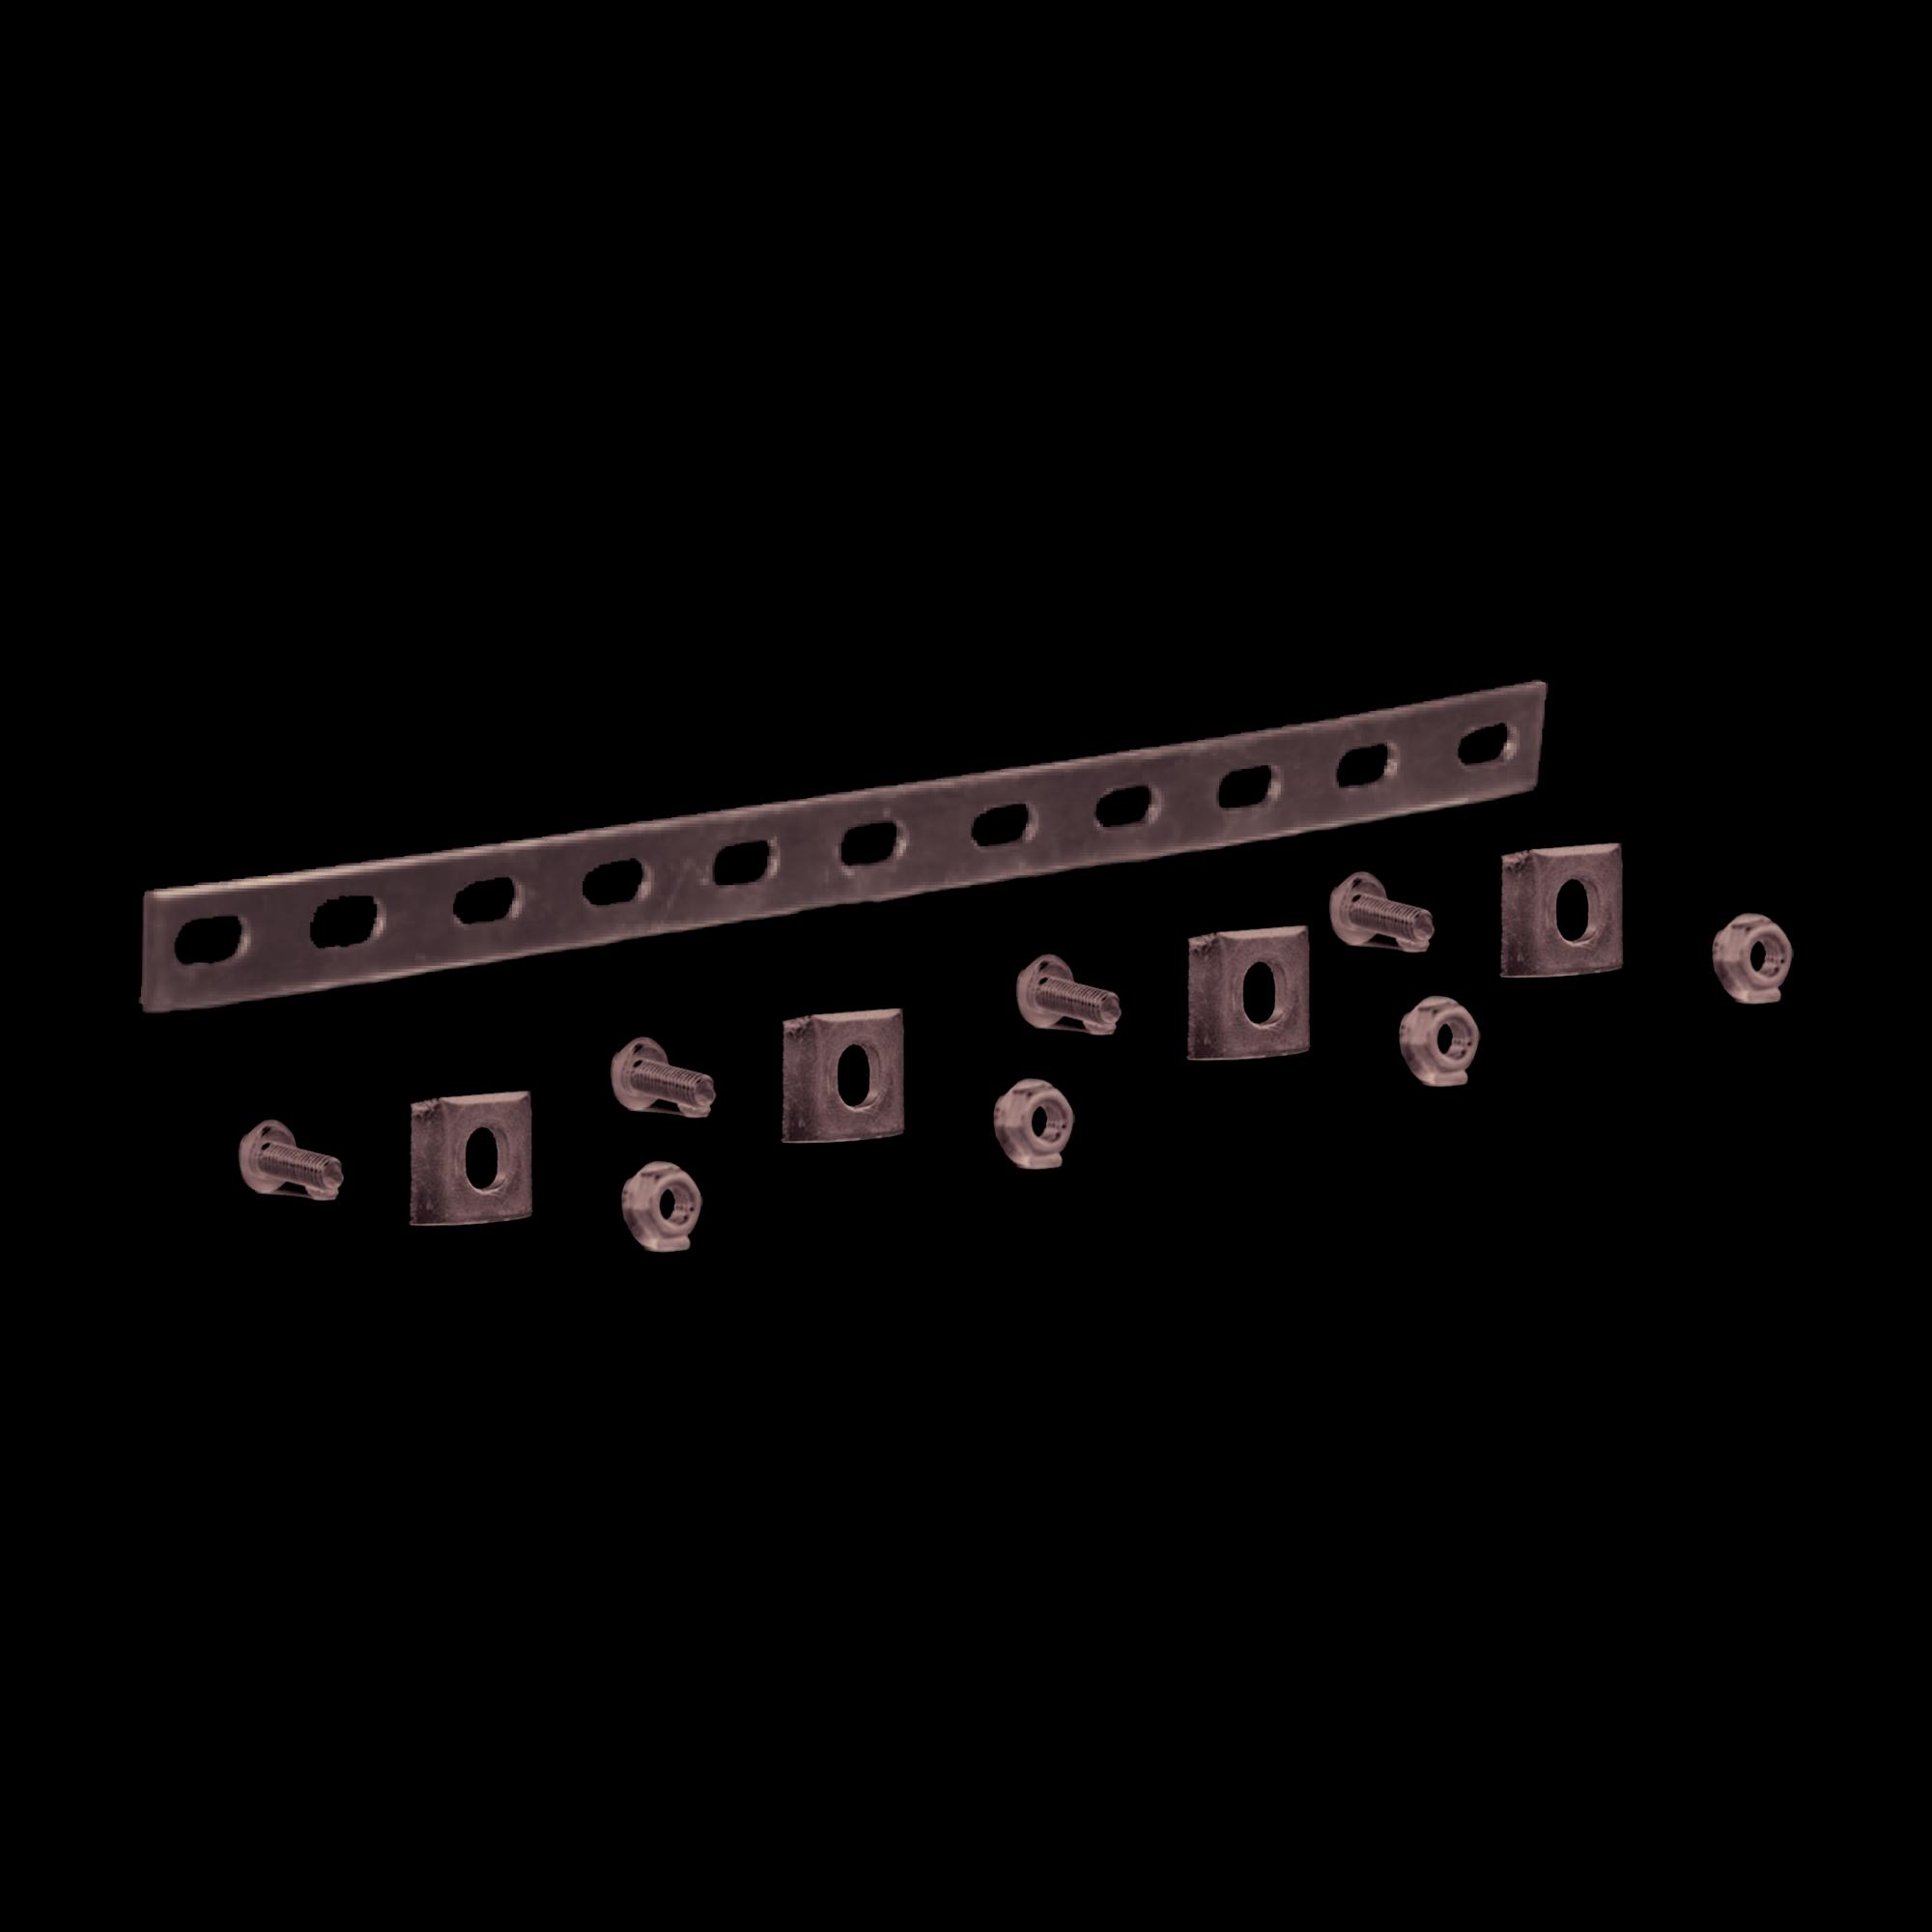 Kit 4 para uniones y derivaciones de charola